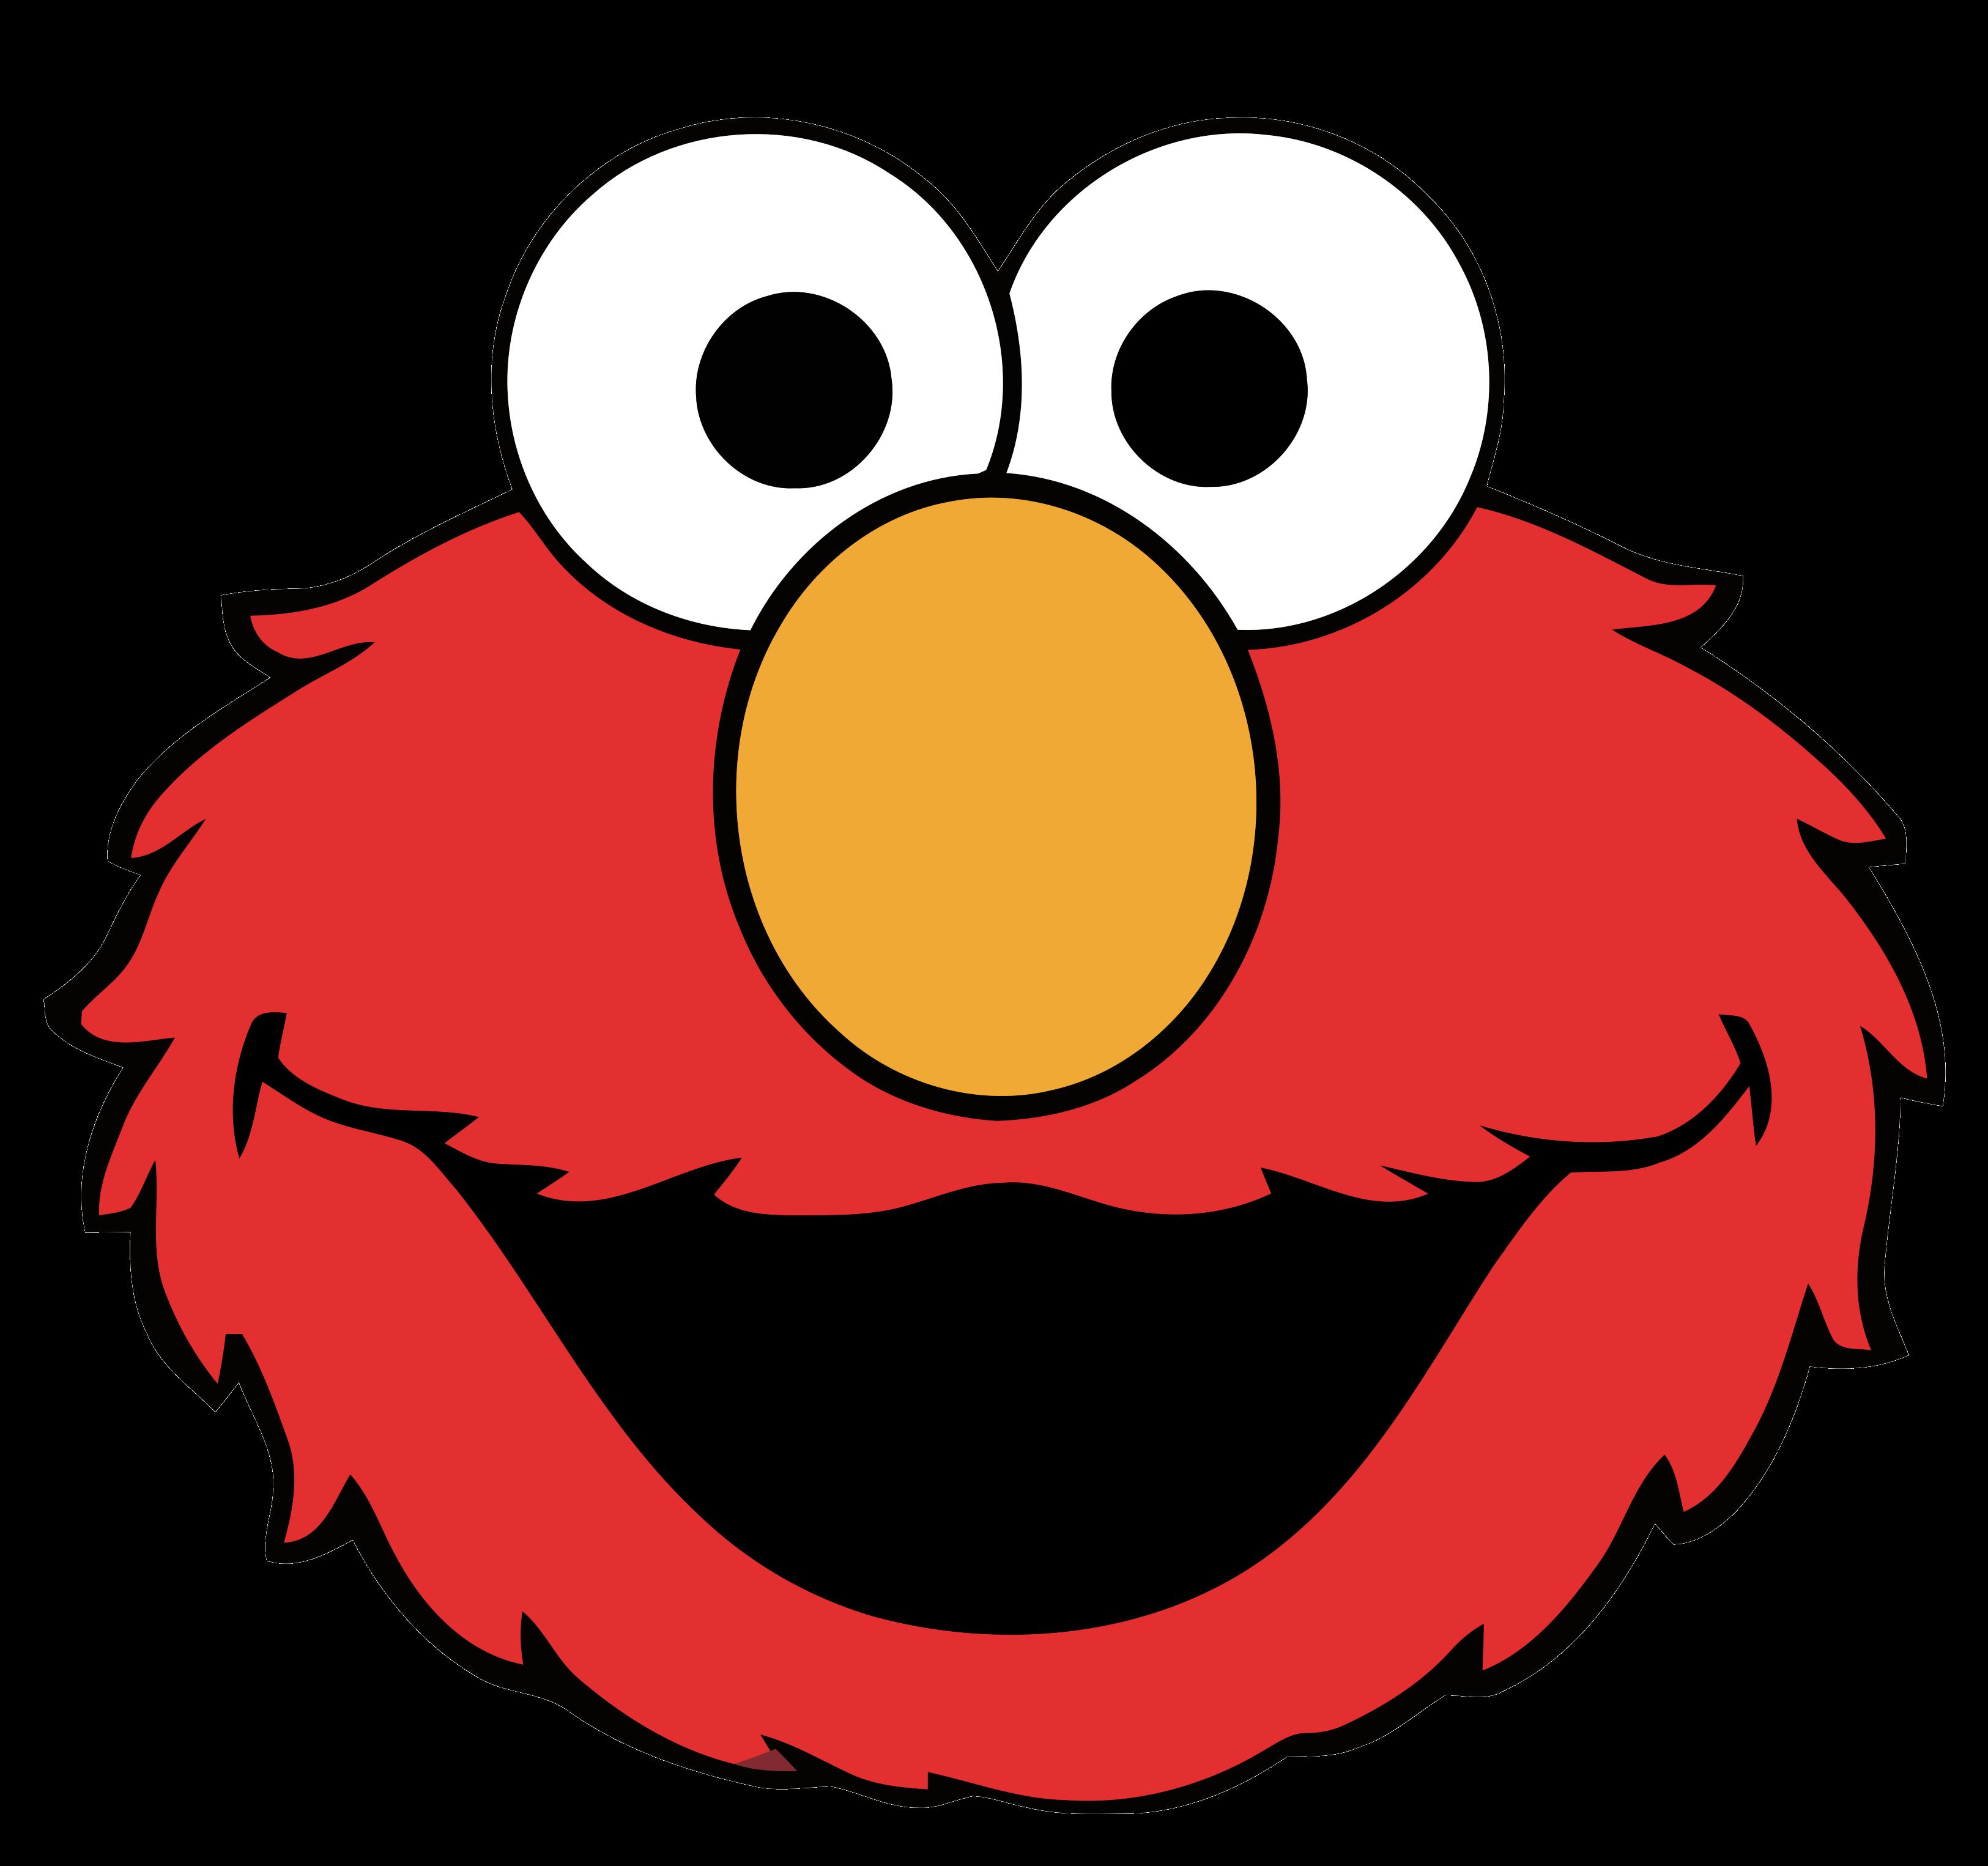 Elmo clipart sesame street, Elmo sesame street Transparent ...